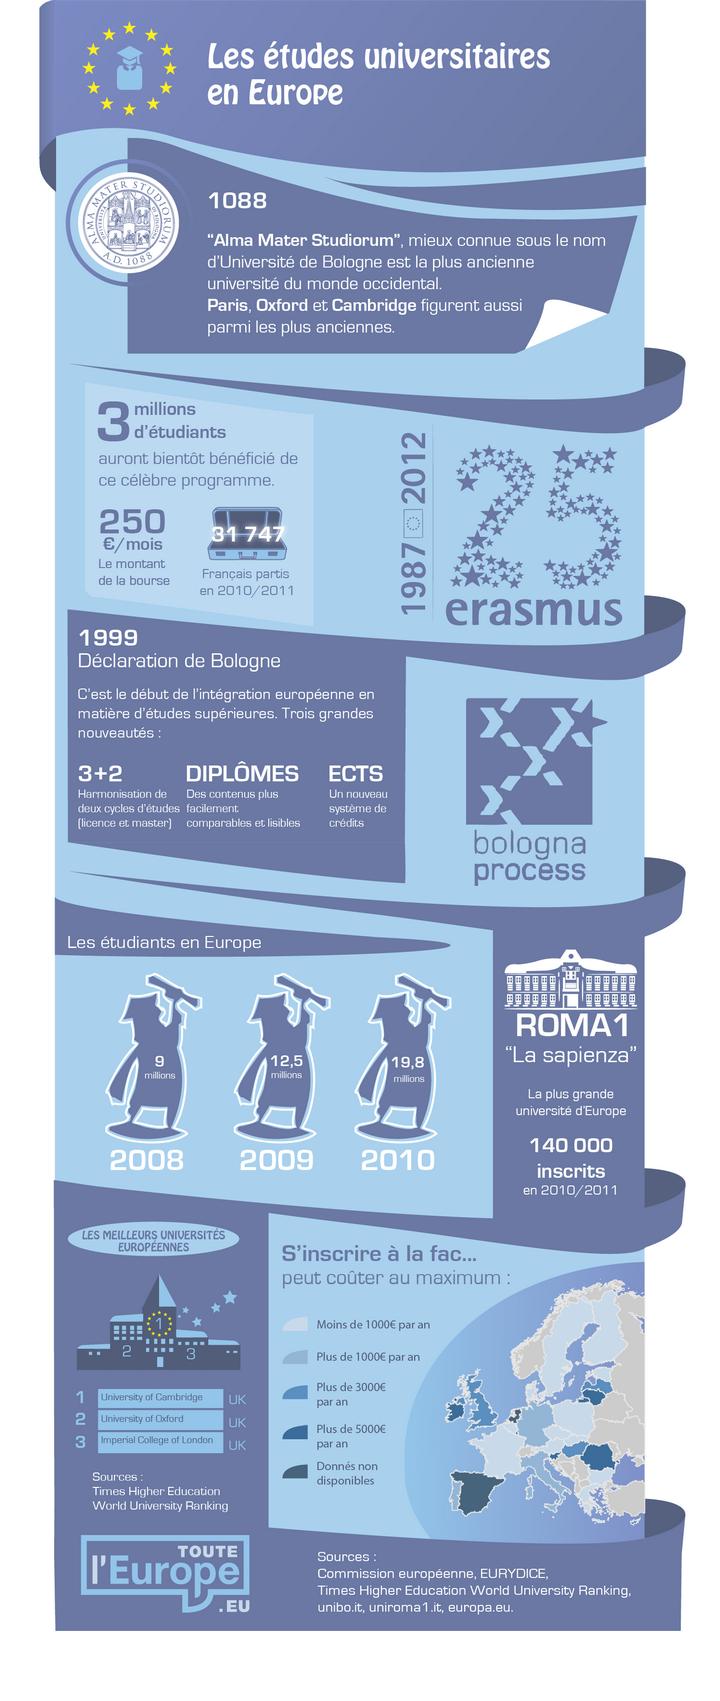 Les études universitaires en Europe